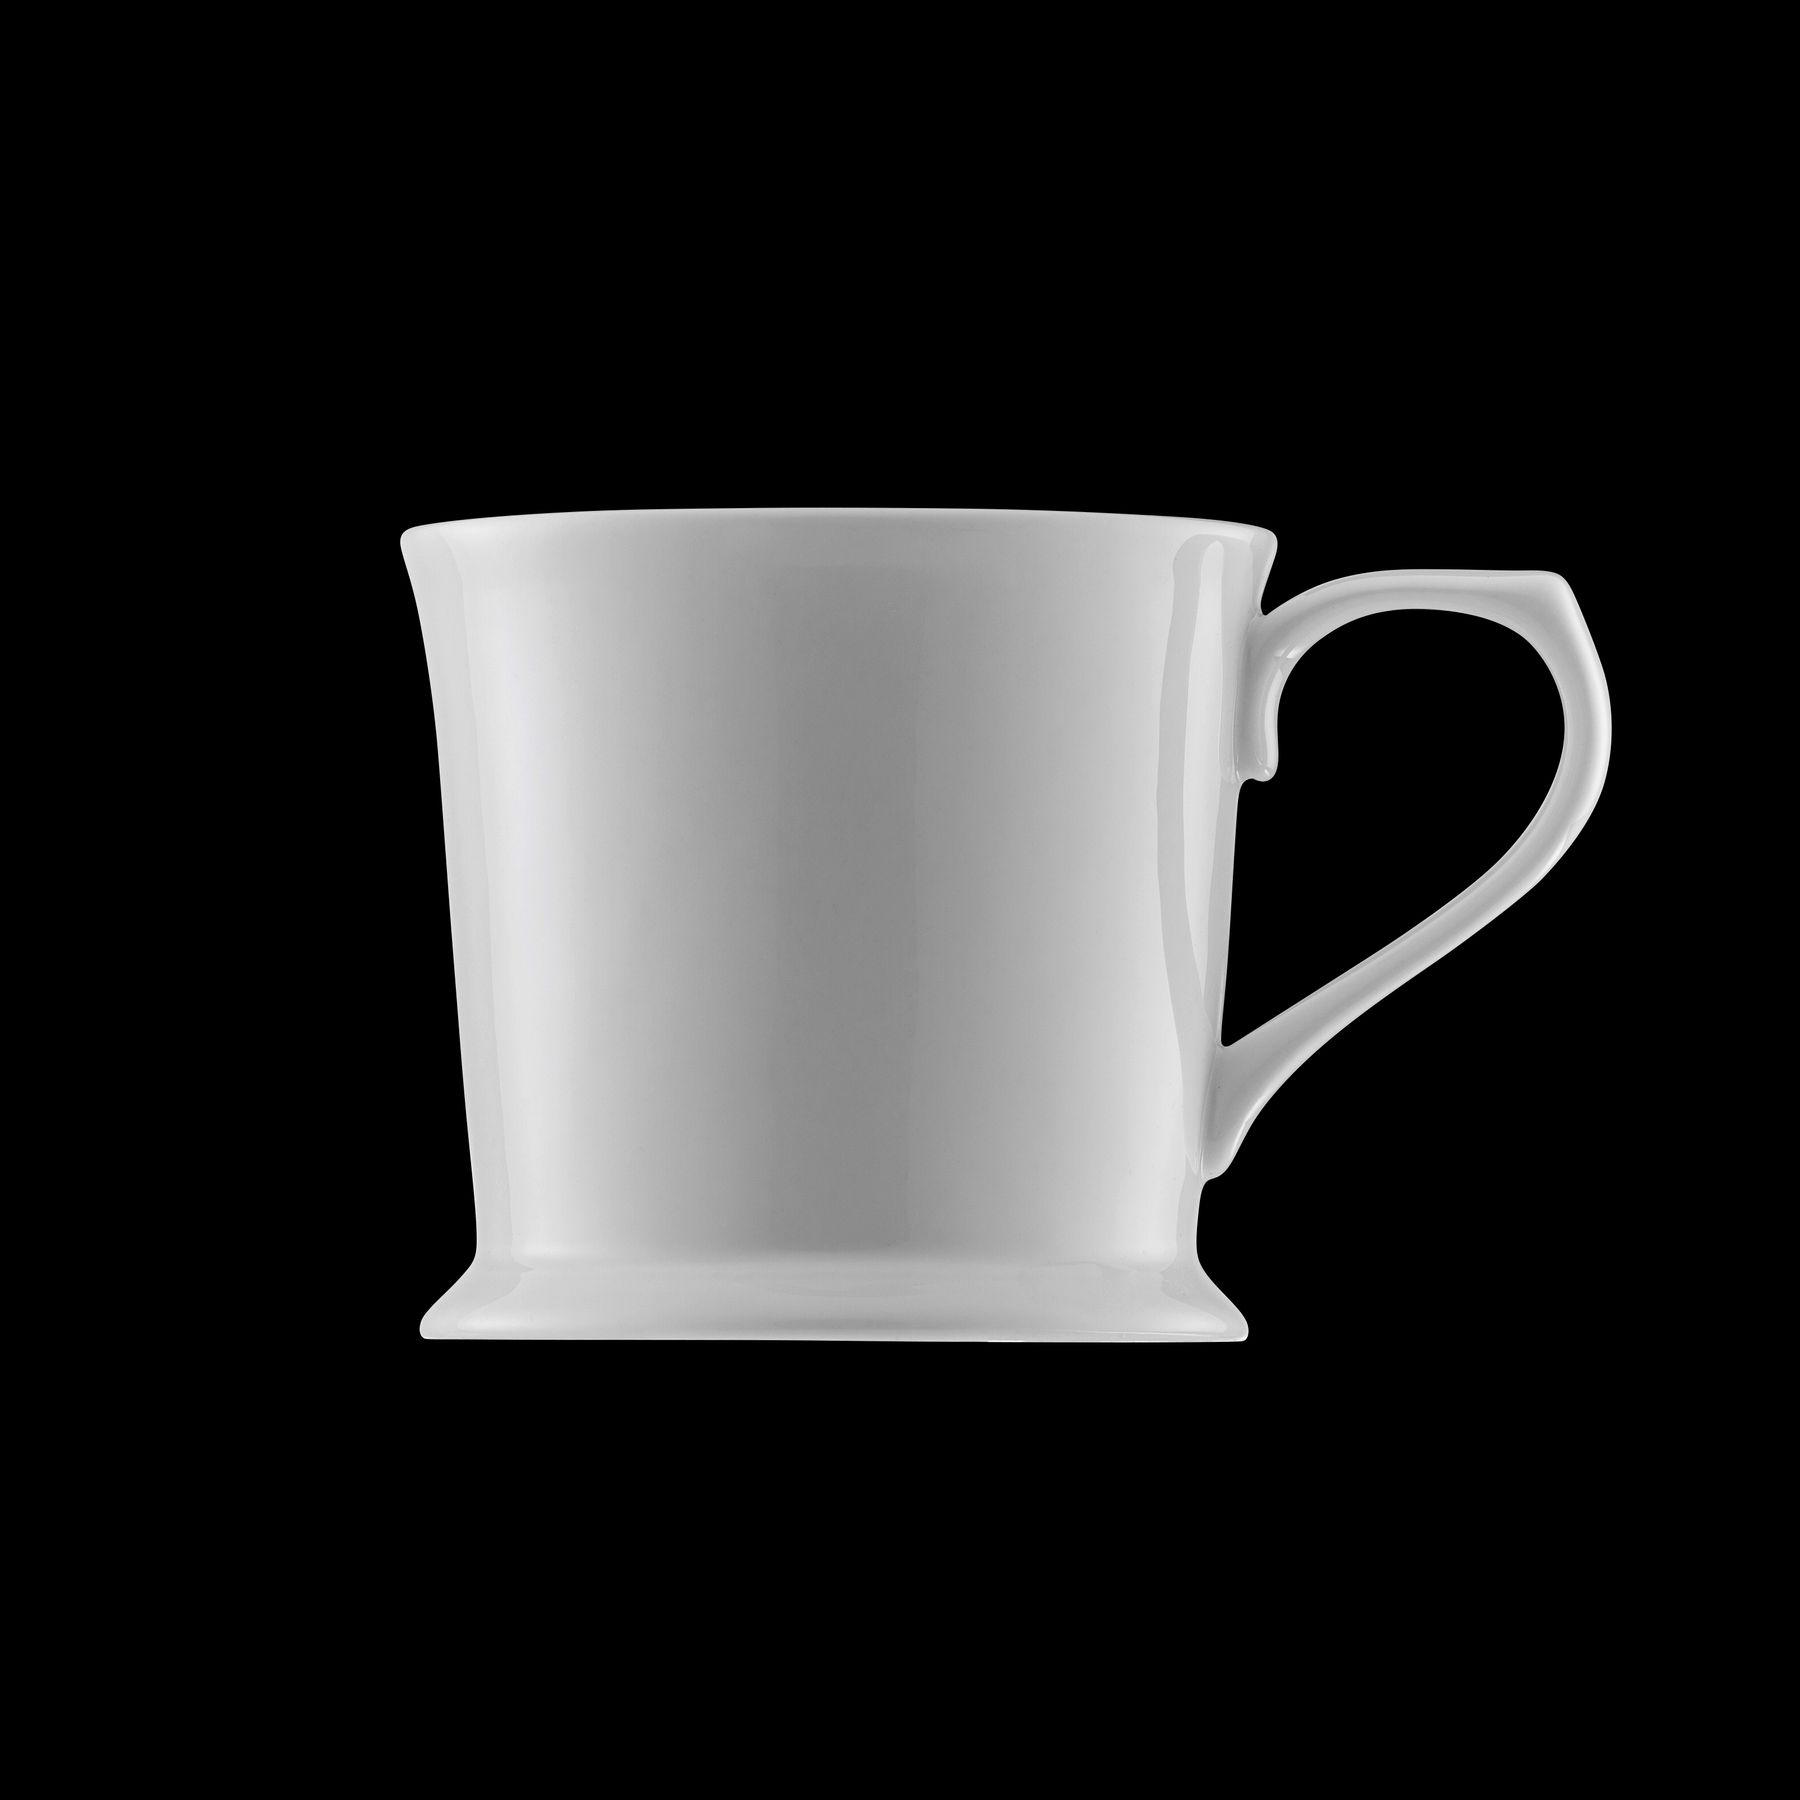 TUDOR ENGLAND Кружка 340 млФарфор Tudor England – идеальное посудное решение для любой семьи или ресторана благодаря доступной цене, отличному внешнему виду и высокому качеству, прочности и долговечности, привлекательному дизайну и большому ассортименту на выбор. Важным преимуществом является возможность использования в микроволновой печи, духовке (до 280 градусов) и мытья в посудомоечной машине. Линейка Tudor Ware производилась с 1828 года, поэтому фарфор Tudor England является наследником традиций, навыков и технологий ушедших поколений, что отражается в каждой из наших фарфоровых коллекций.<br>